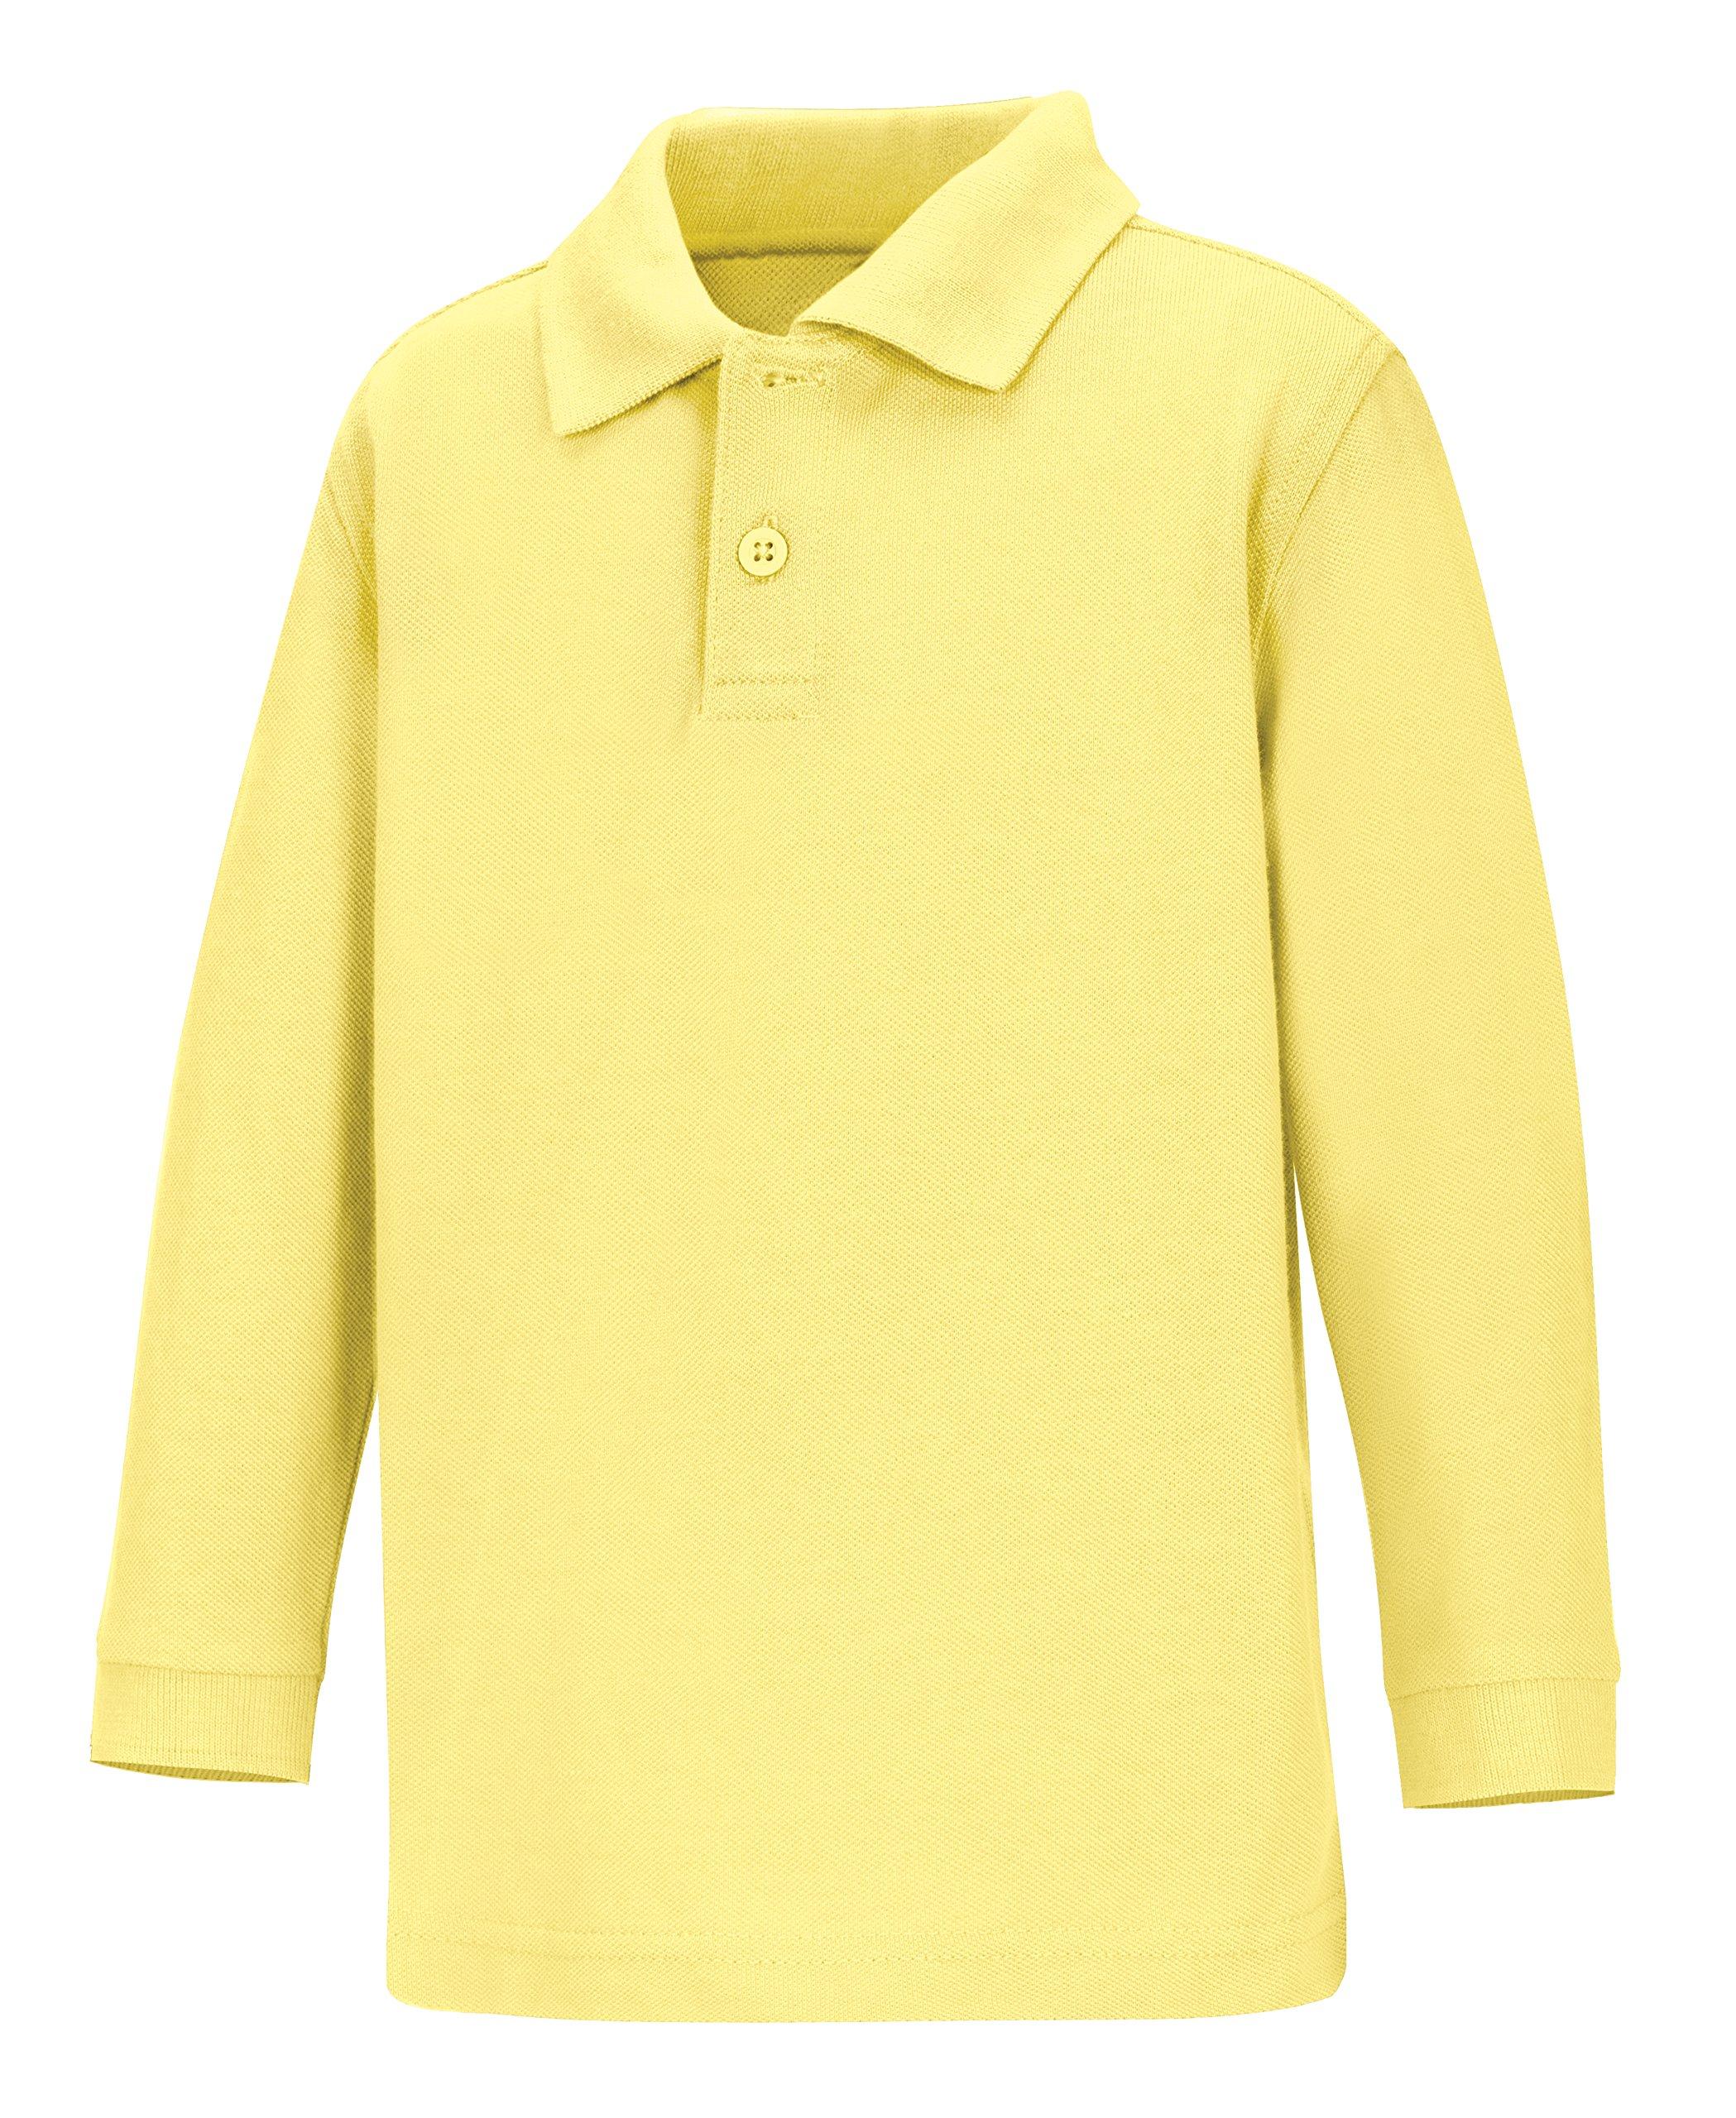 CLASSROOM Little Boys' Toddler Uniform Long Sleeve Pique Polo, Yellow, 2T